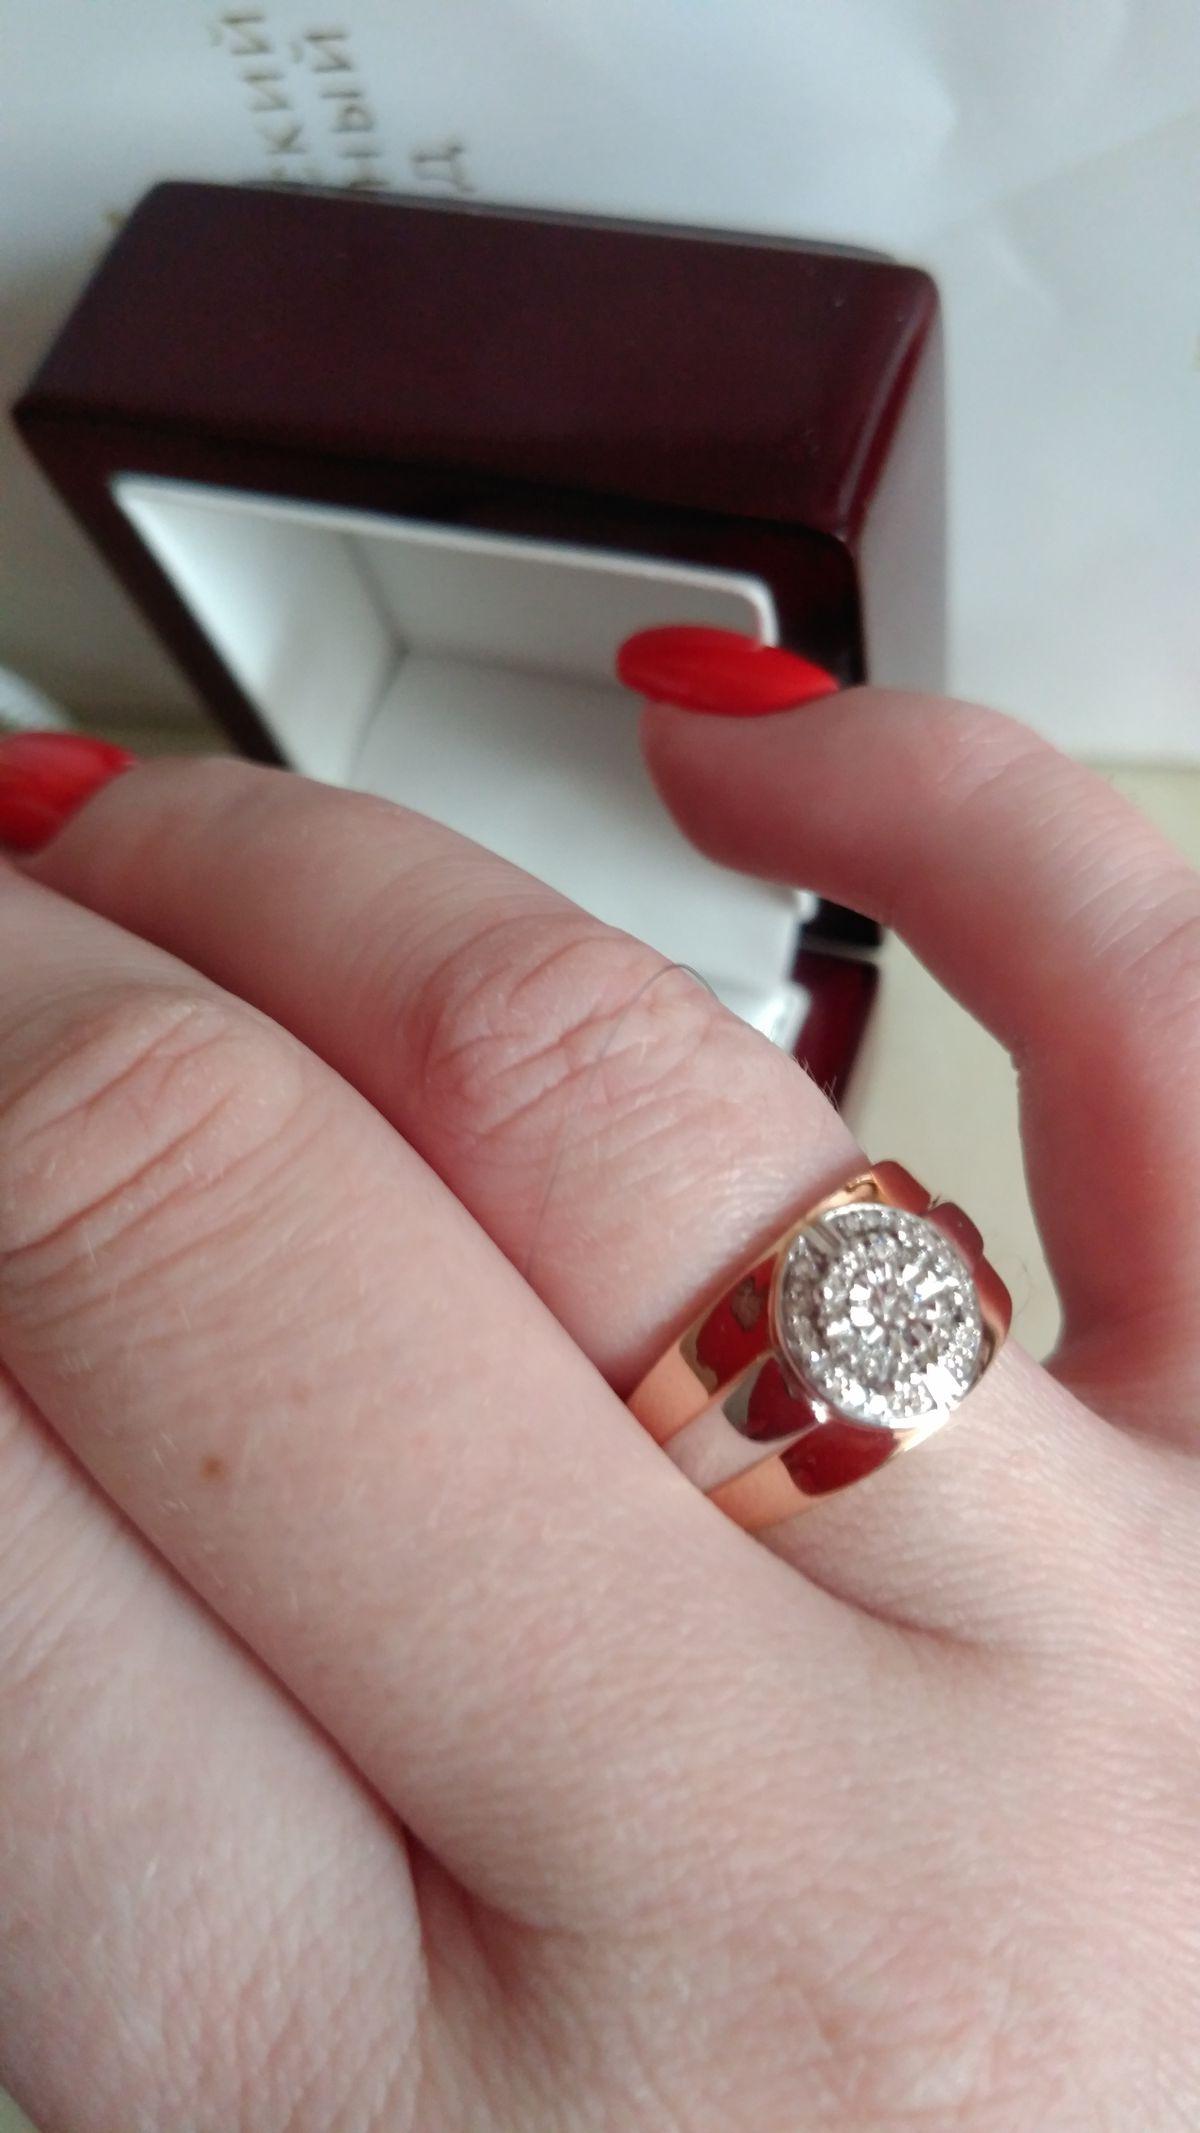 Кольцо очень красиво смотрится.Внимание обеспеченно💎💍